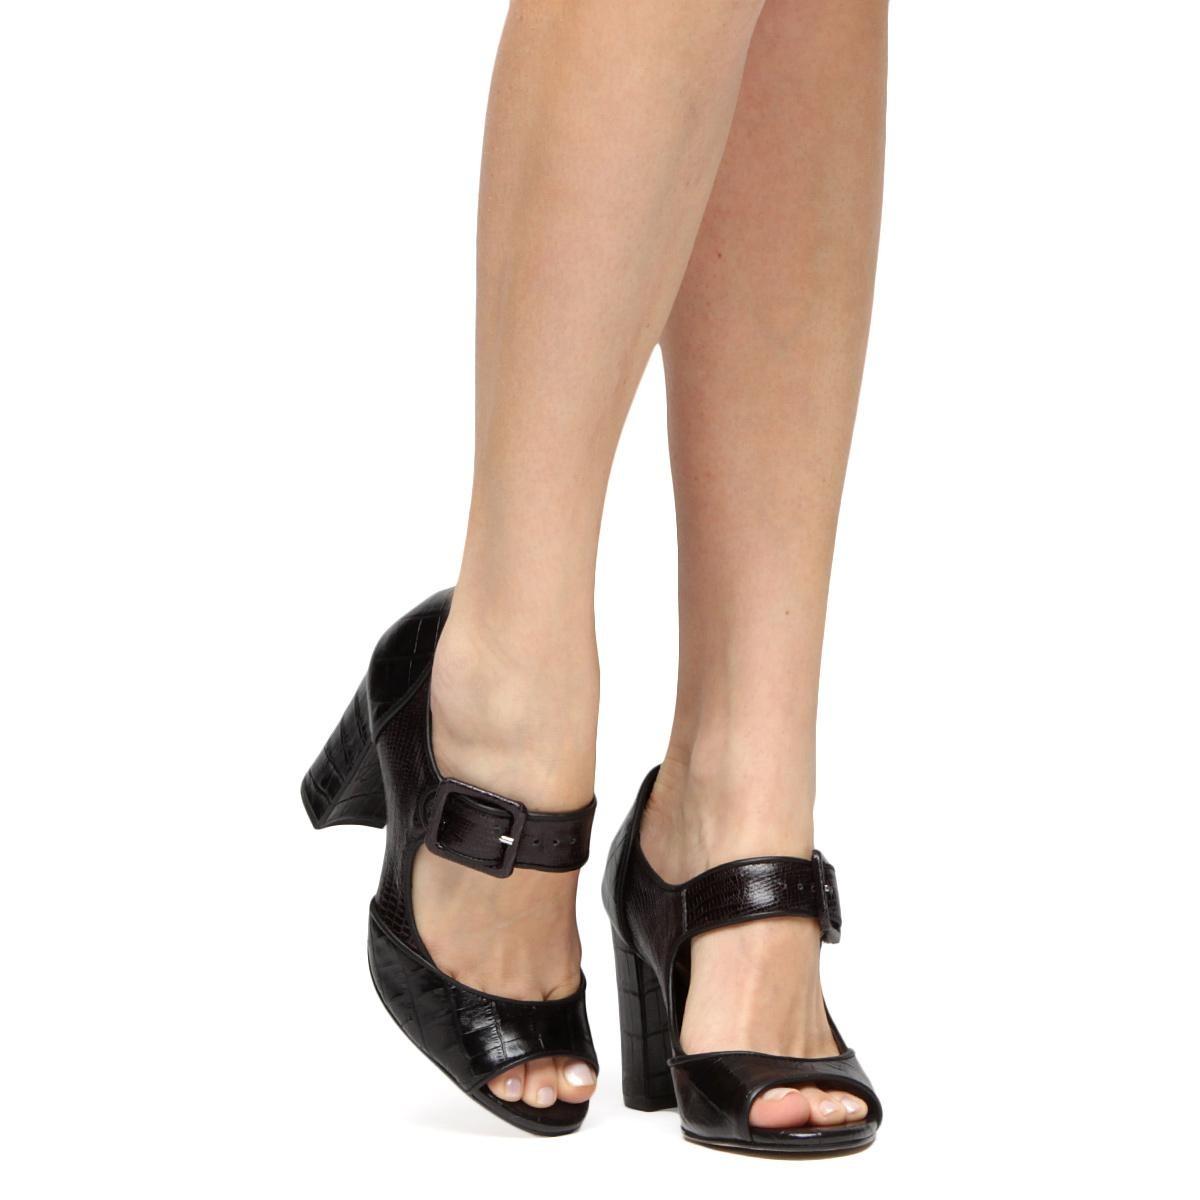 200f3a2d88 sandália couro shoestock salto grosso mary jane feminina. Carregando zoom.